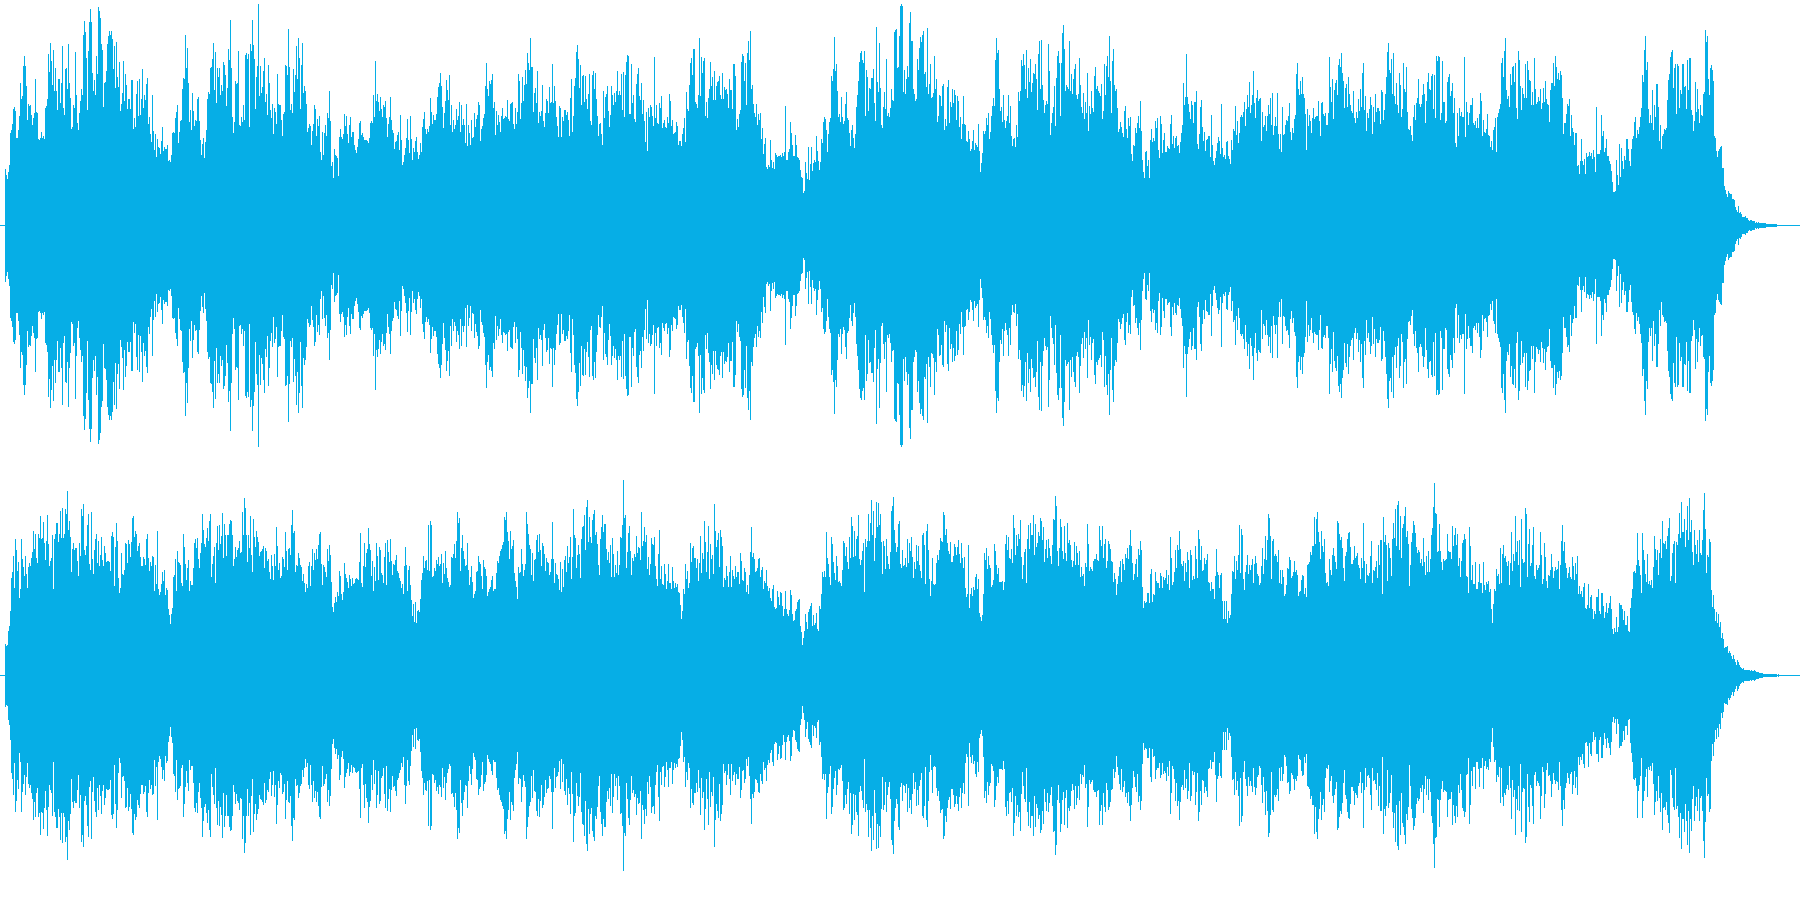 イングリッシュホルンと弦の優美な曲の再生済みの波形